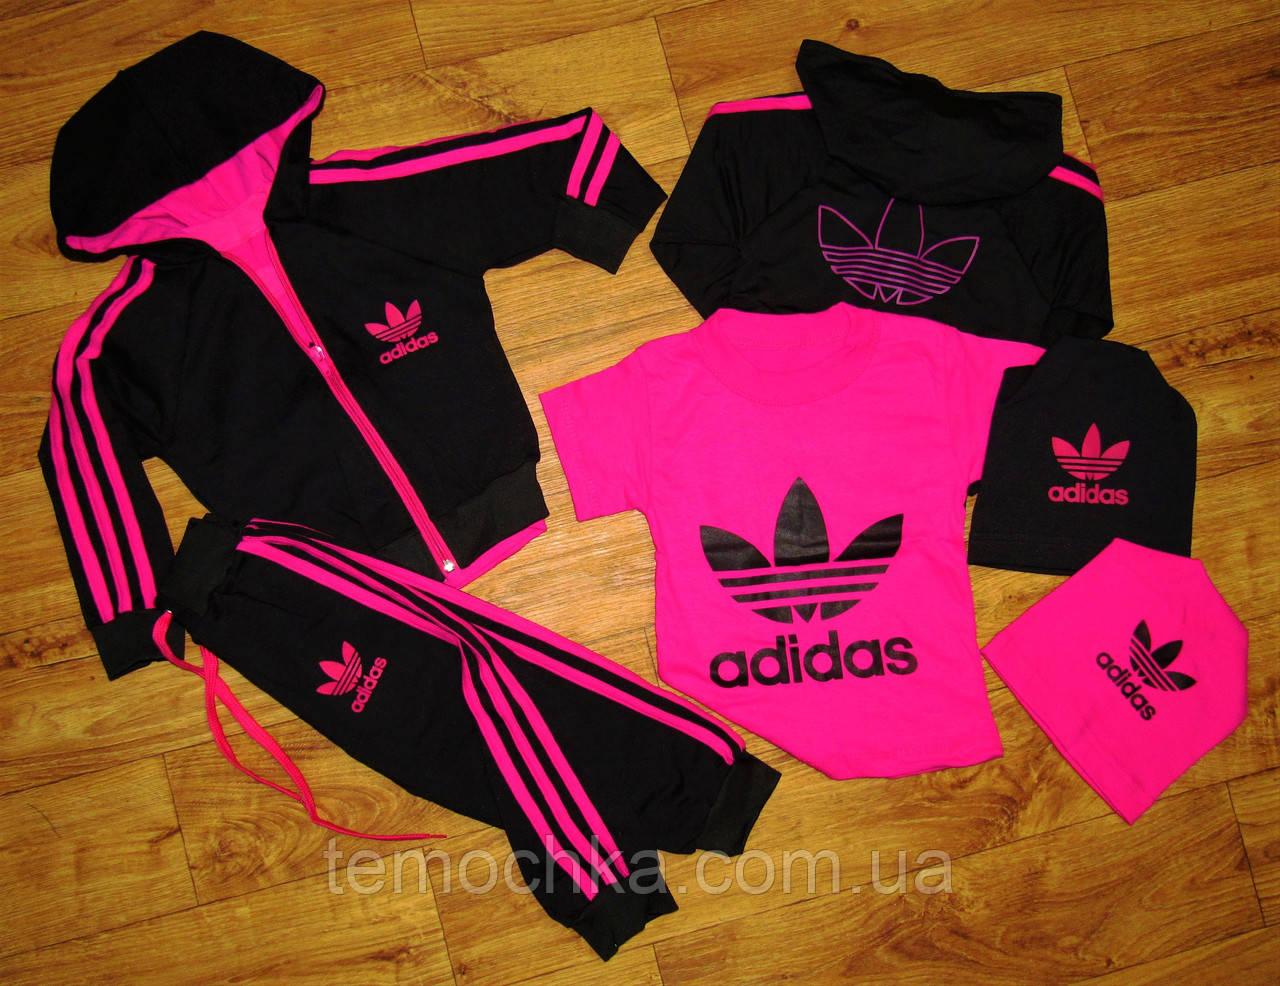 Малиновый спортивный костюм тройка Adidas